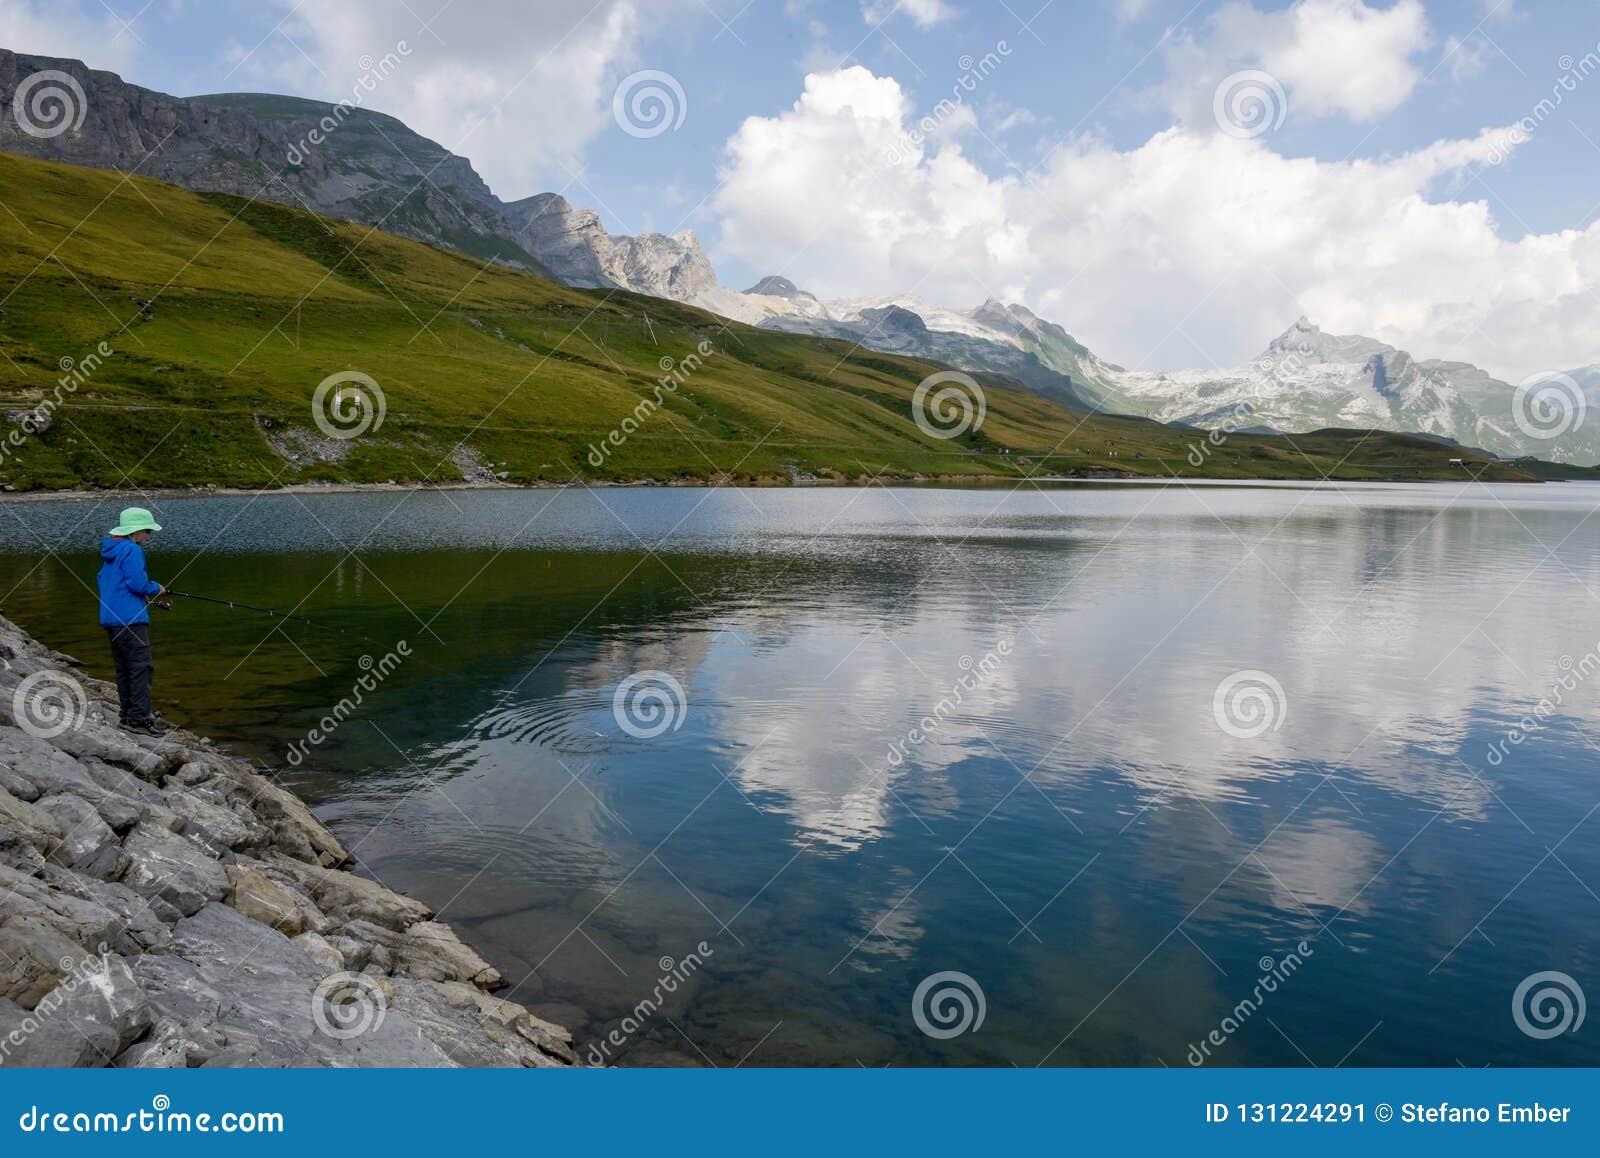 Pesca del muchacho en el lago Tannensee en las montañas suizas